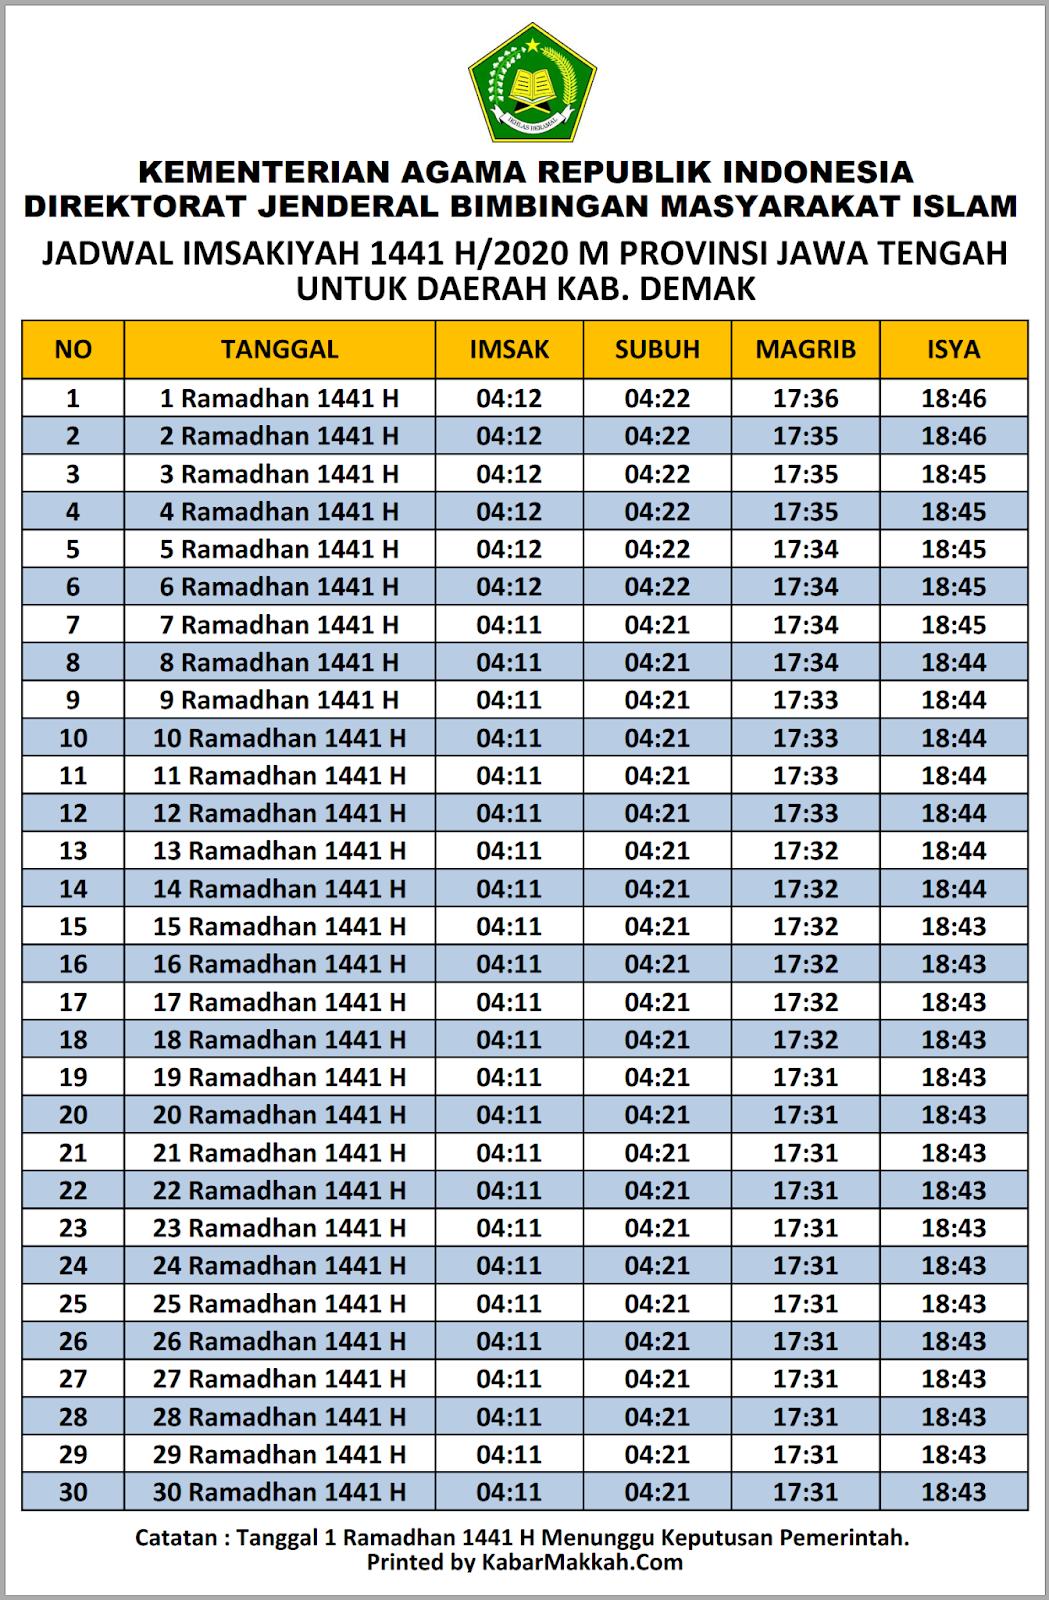 Jadwal Imsakiyah Demak 2020 / 1441 H